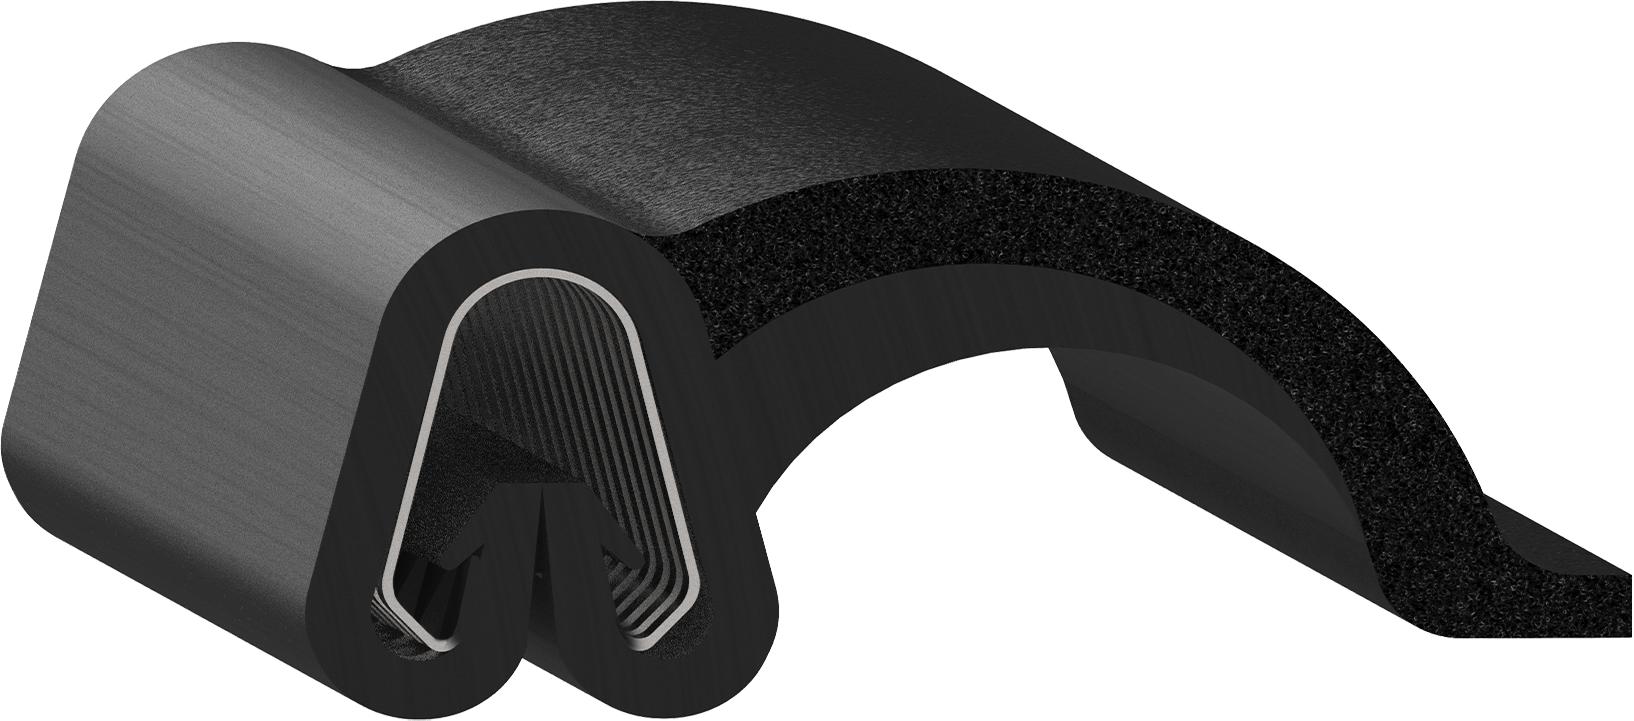 Uni-Grip part: DU-004